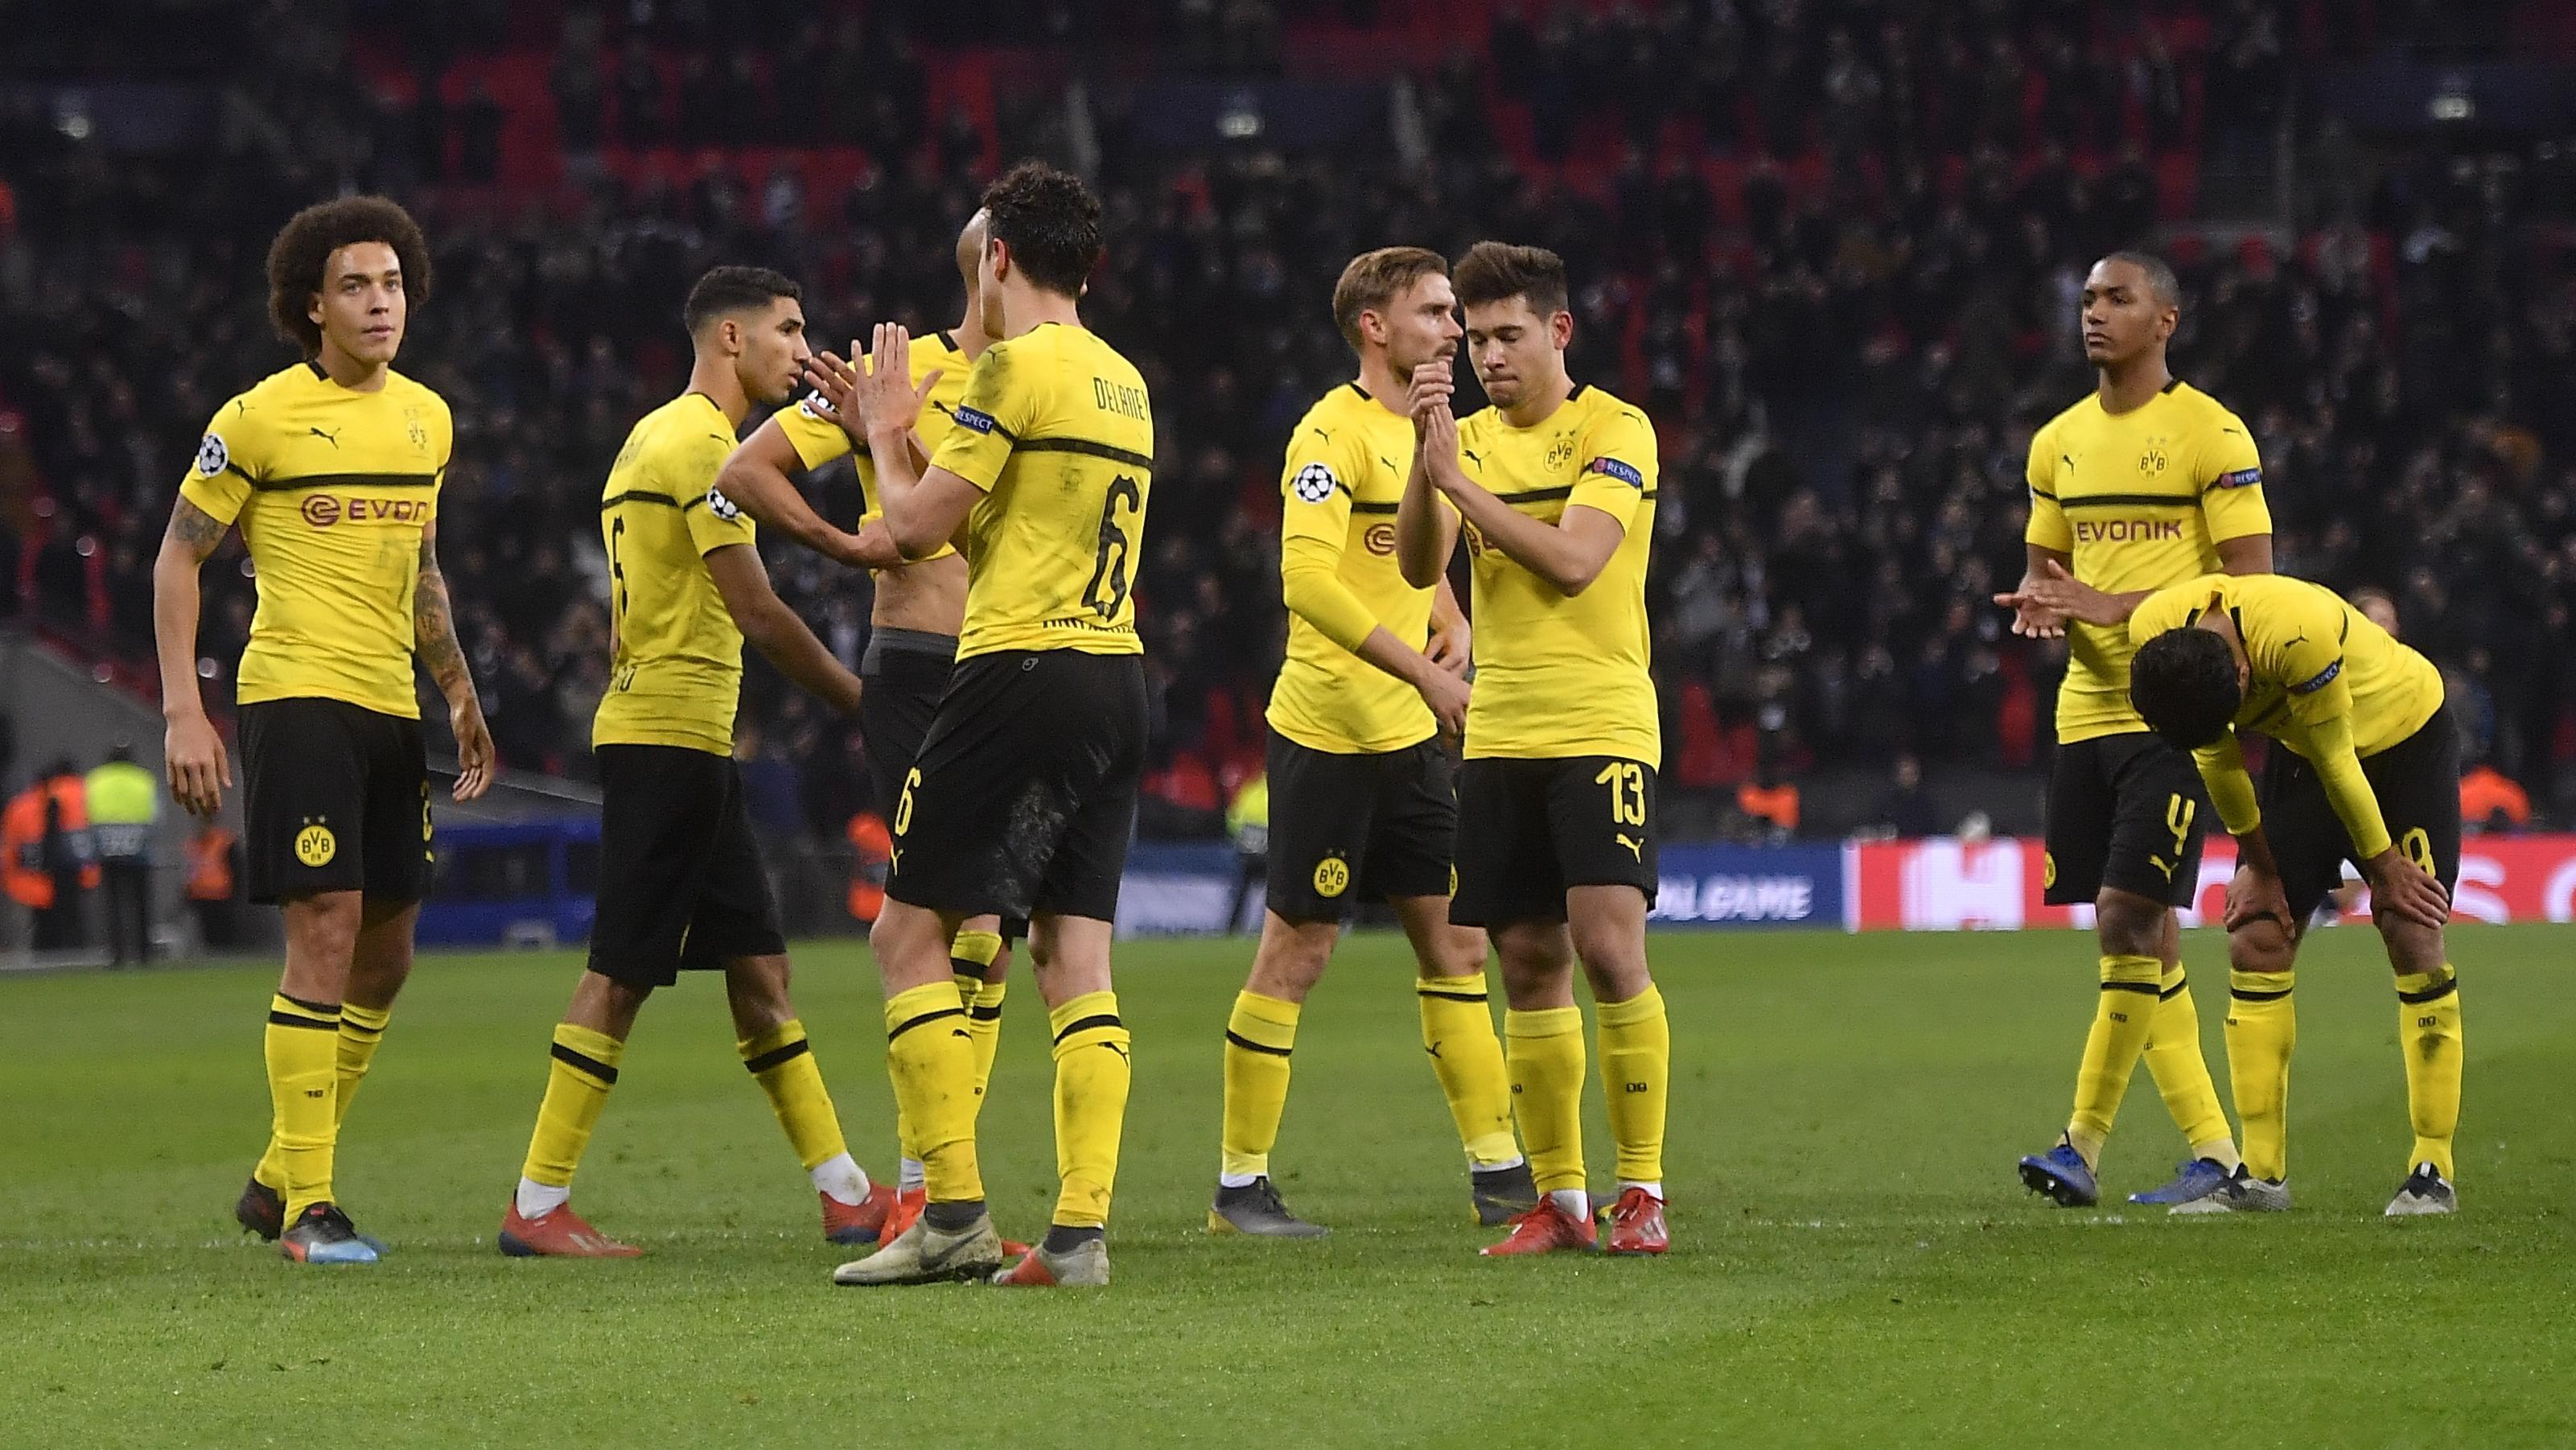 Piłkarze Borussii Dortmund Sprawiają Problemy Wychowawcze Bundesliga